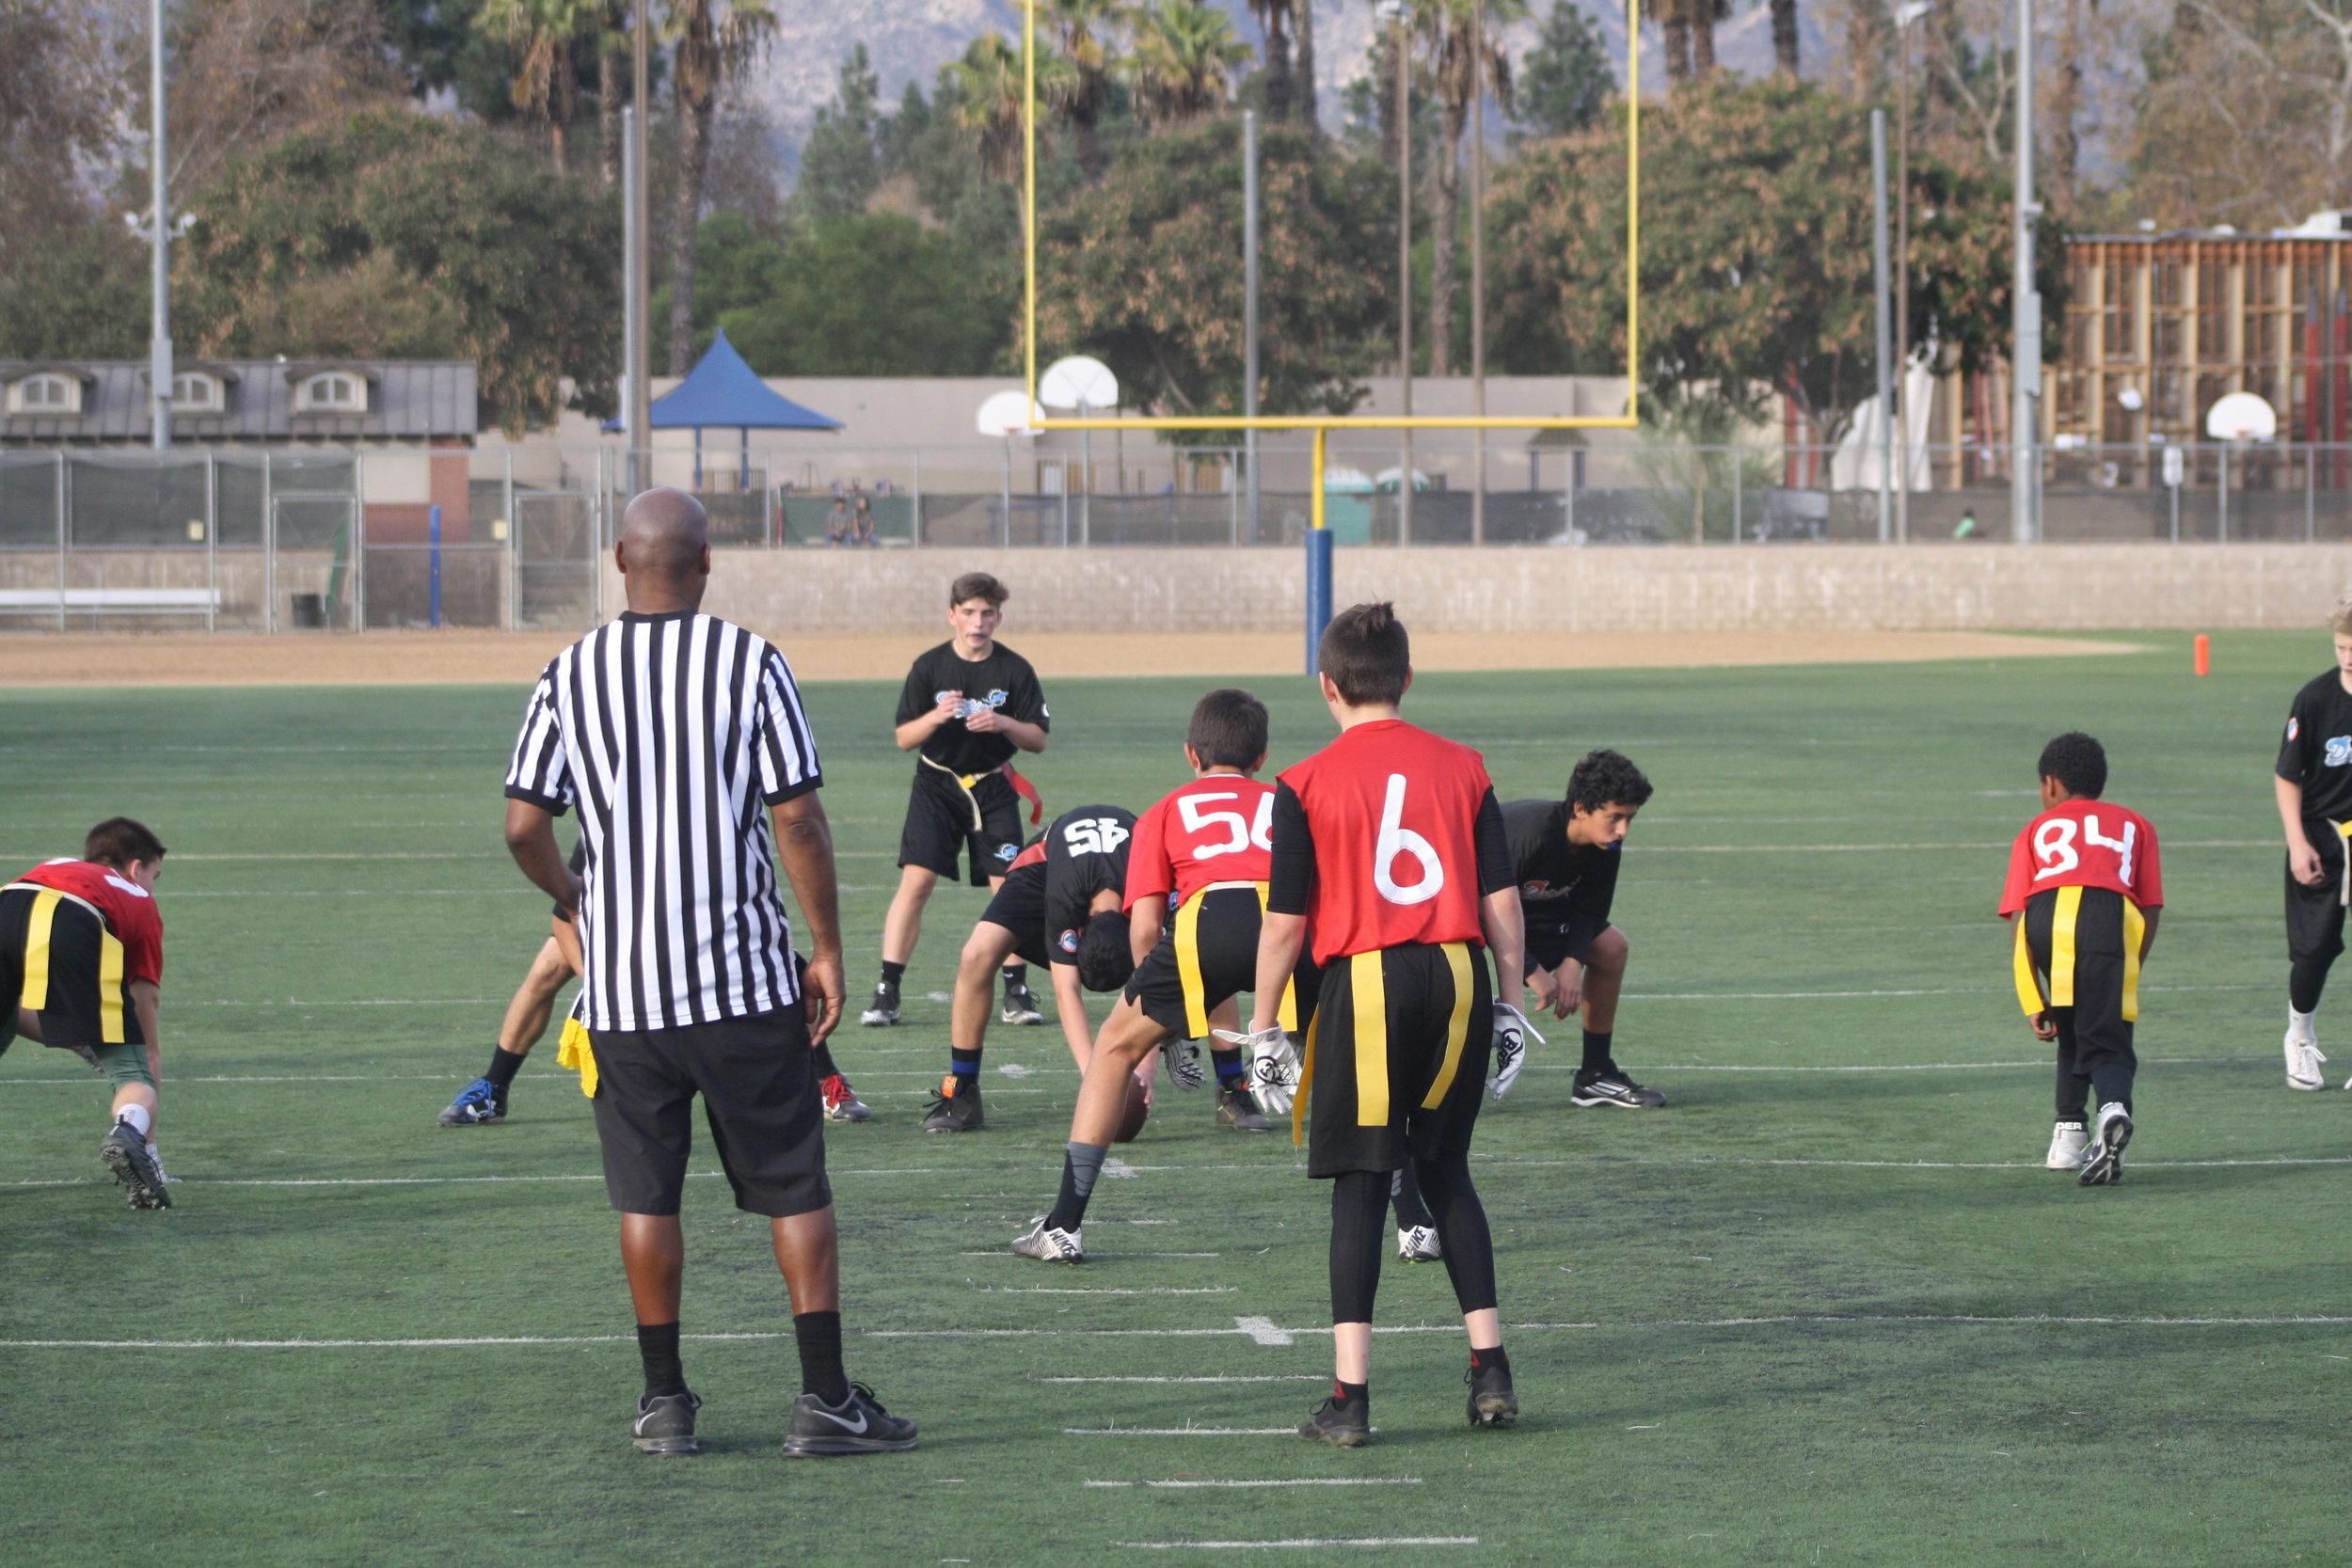 Flag Football - Boys action photo 3.JPG